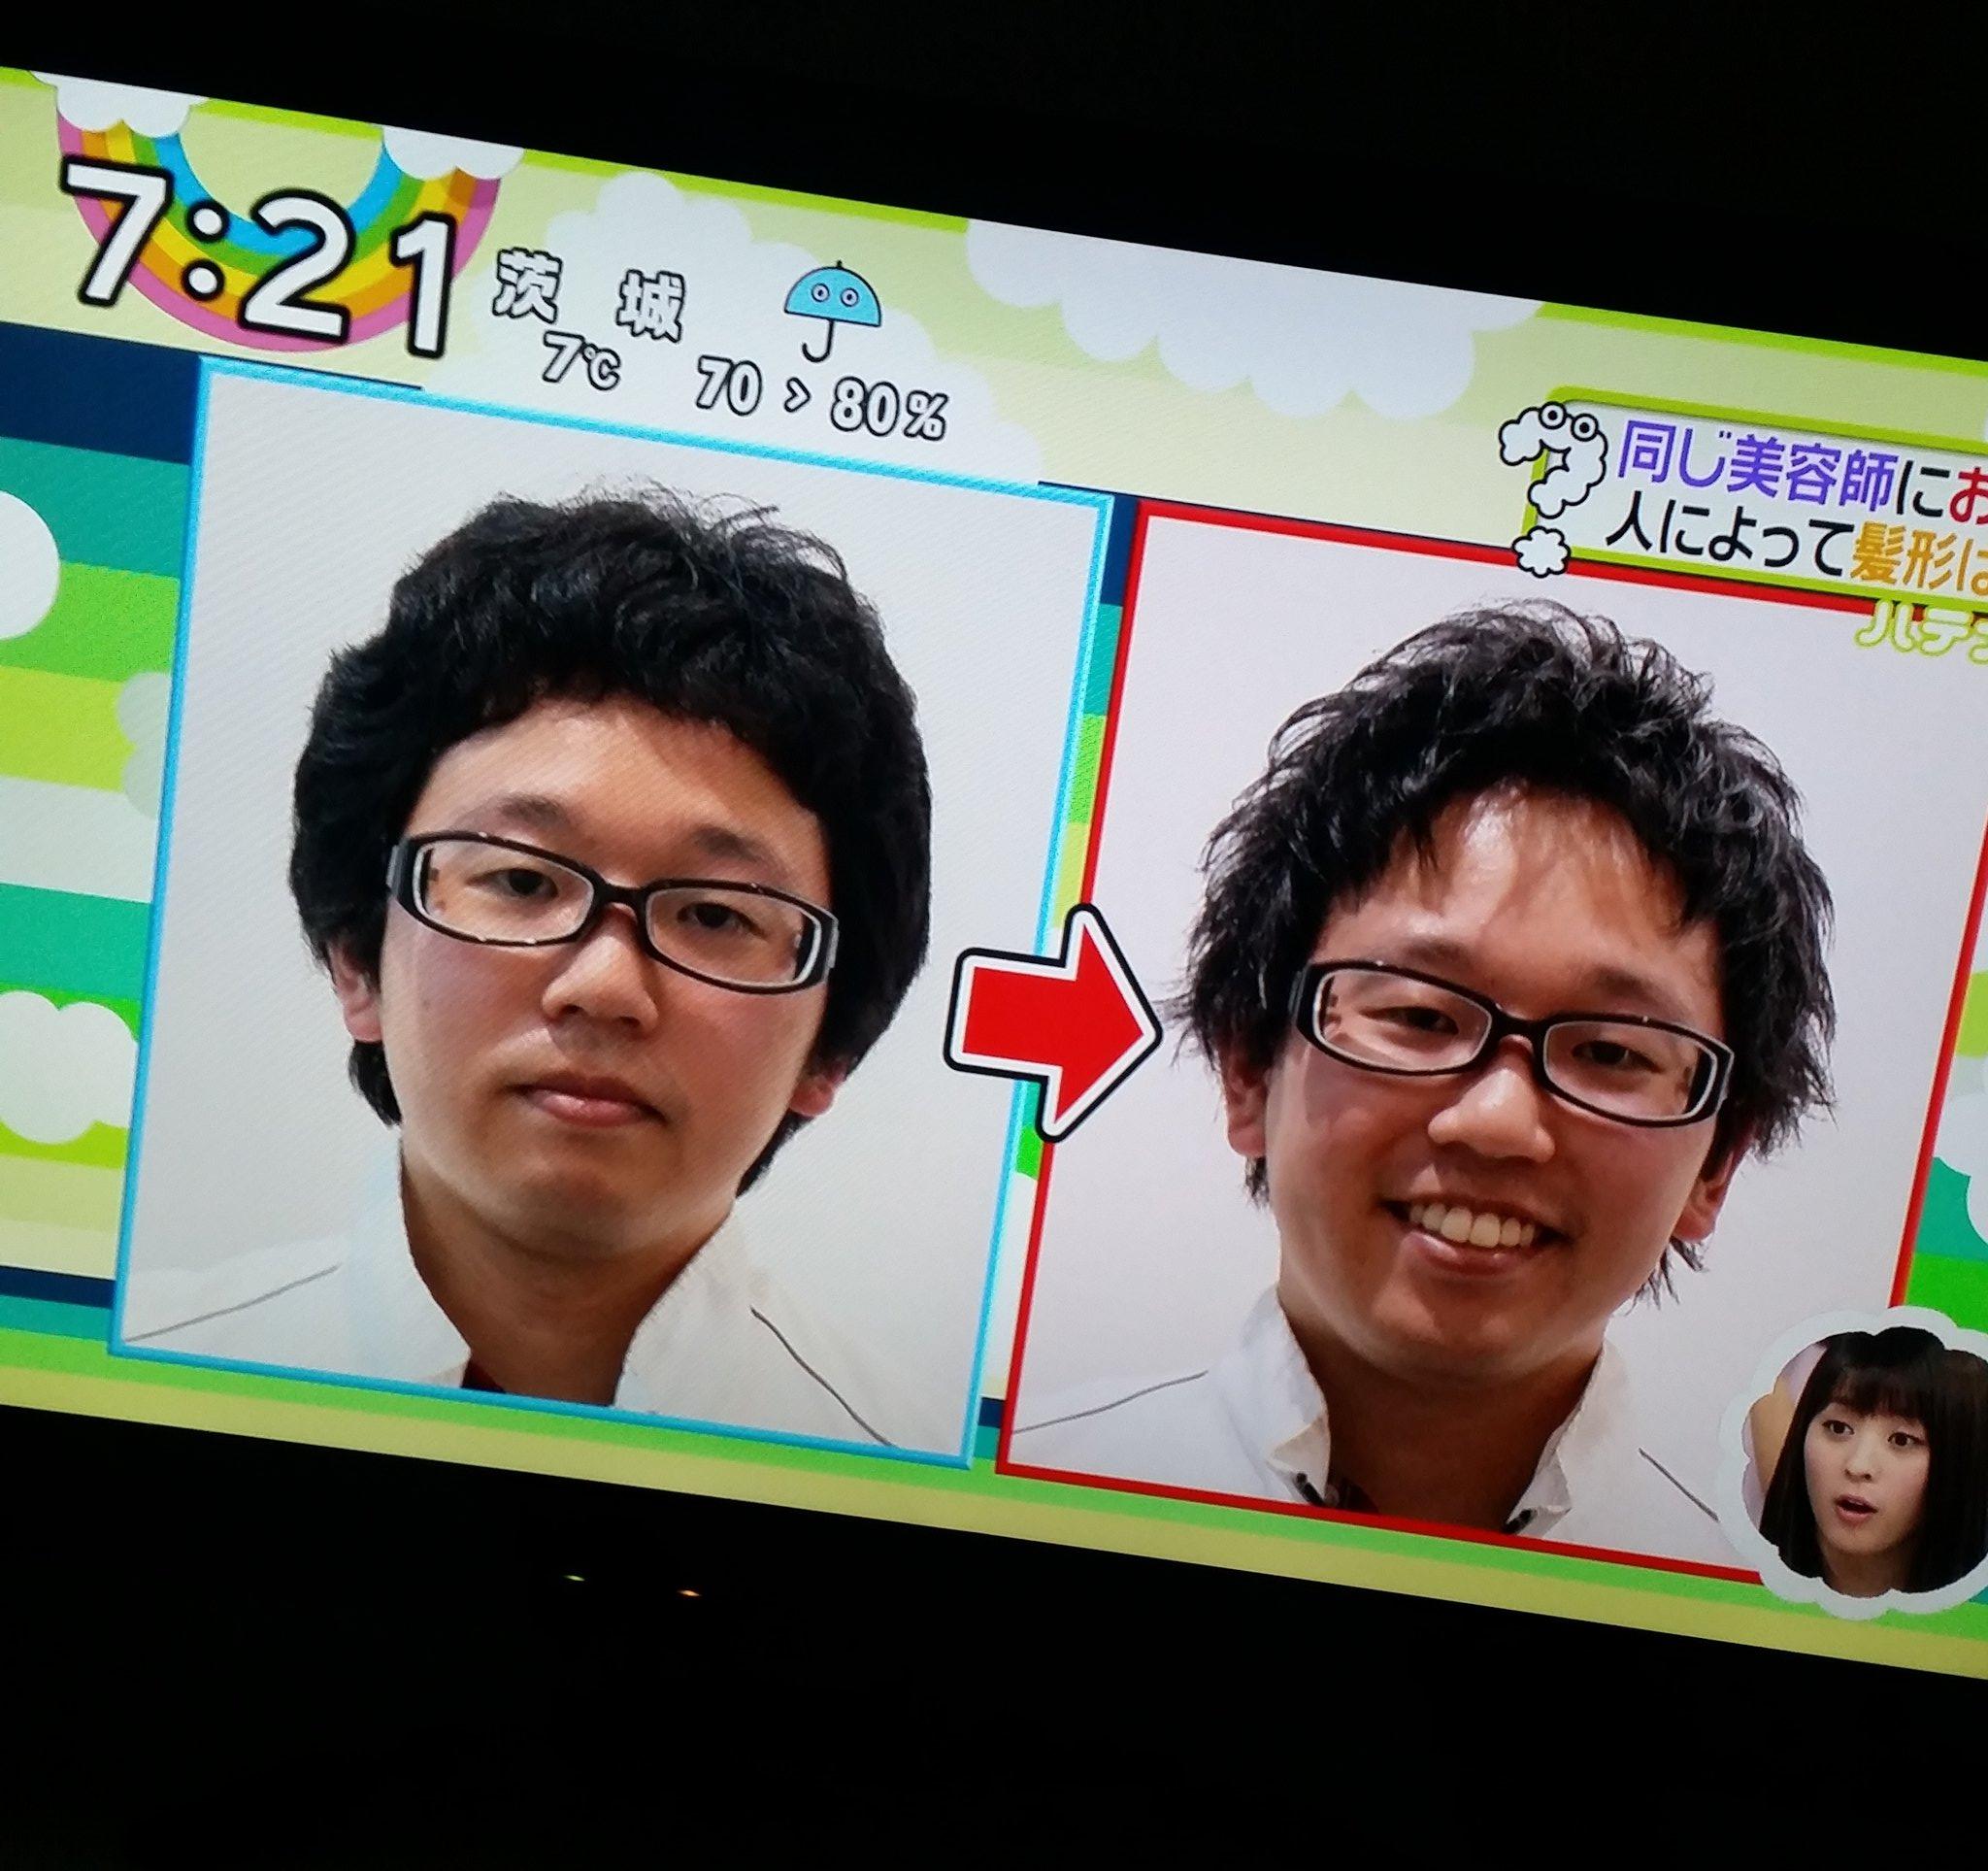 同じ美容師に「おまかせ」すると人によって髪形が違うのか検証ww